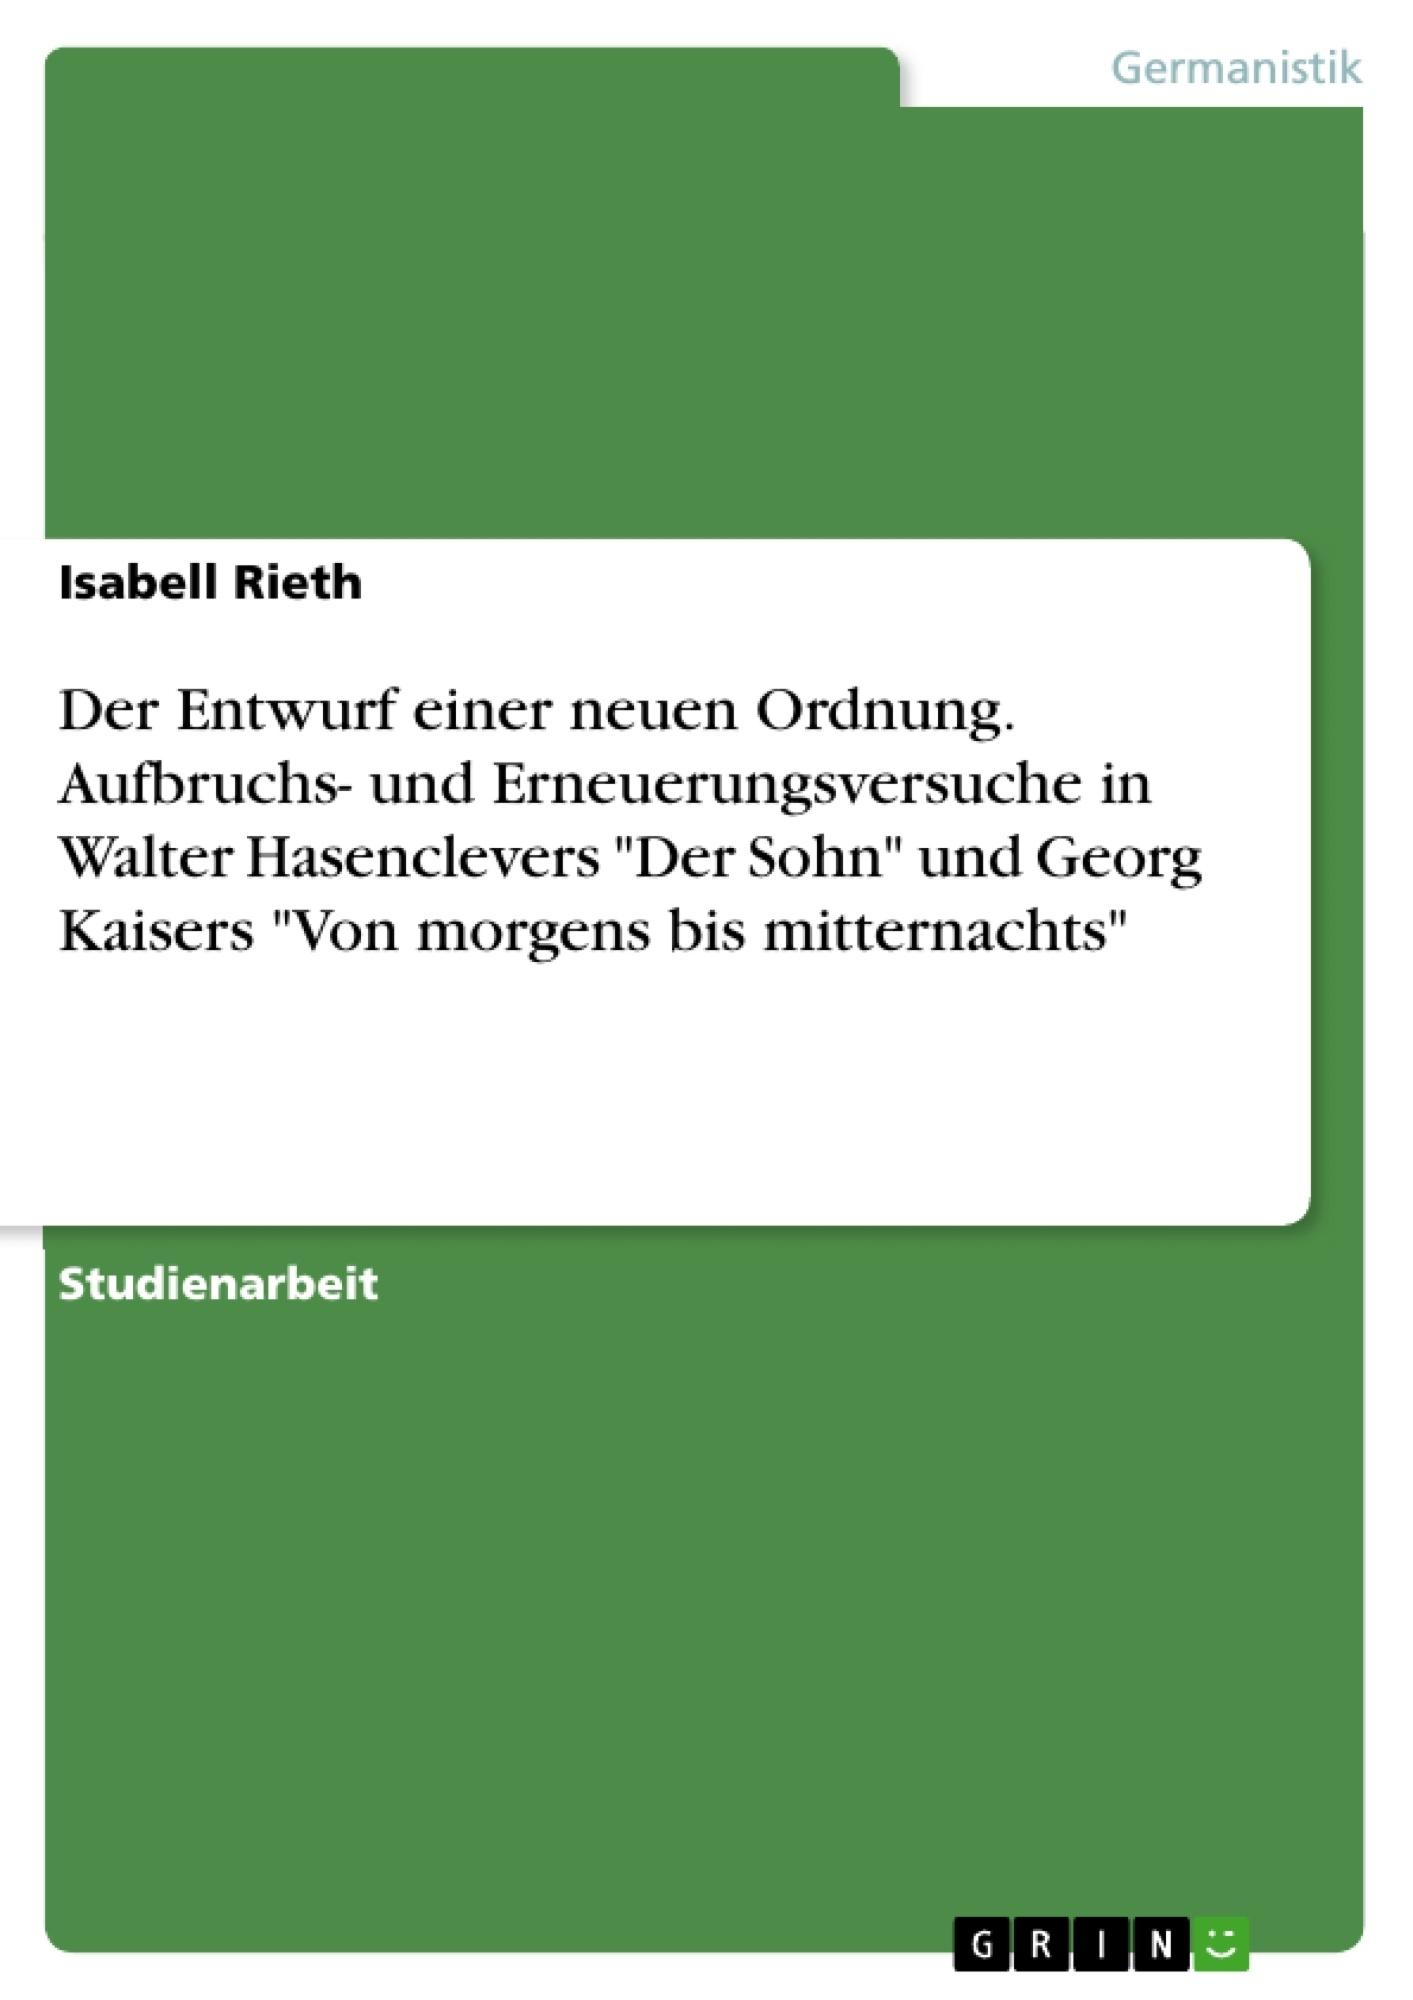 """Titel: Der Entwurf einer neuen Ordnung. Aufbruchs- und Erneuerungsversuche in Walter Hasenclevers """"Der Sohn"""" und Georg Kaisers """"Von morgens bis mitternachts"""""""